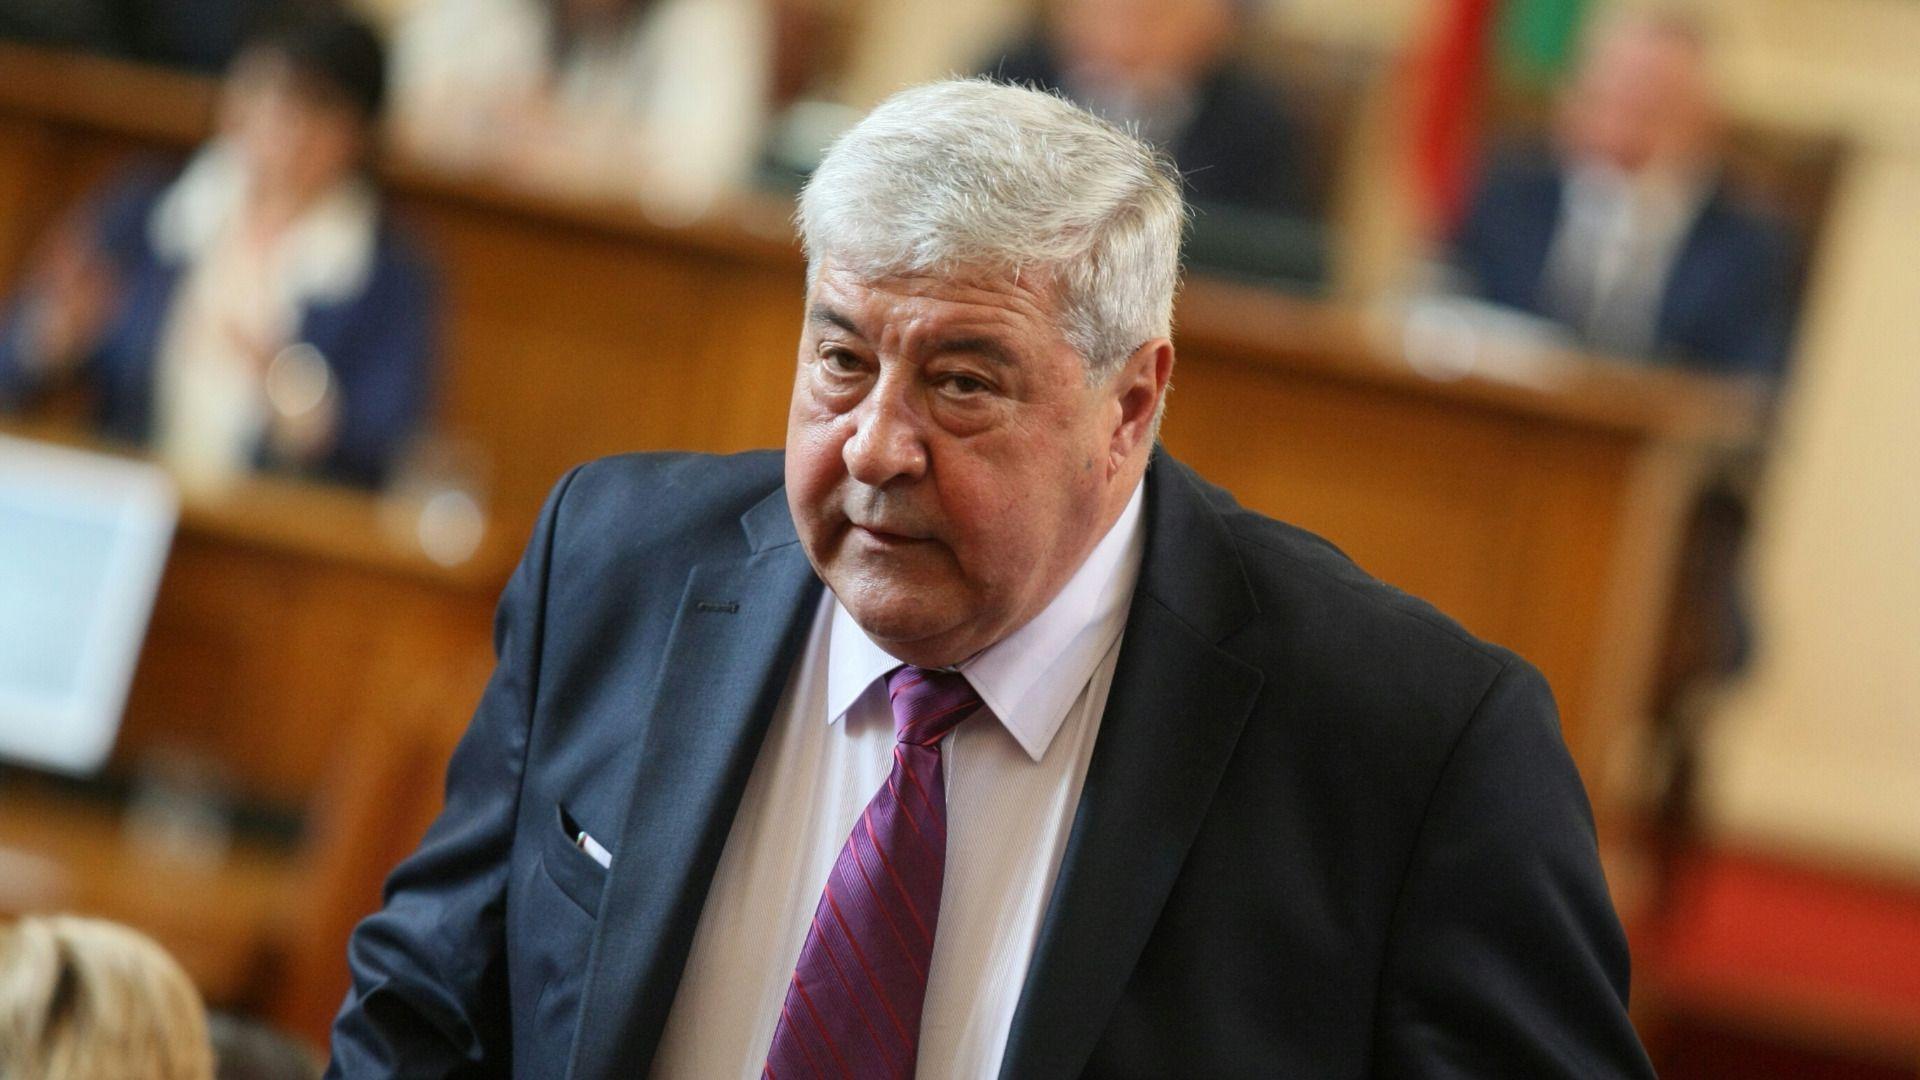 ГЕРБ замесиха БСП и Станишева в сделката с Инерком